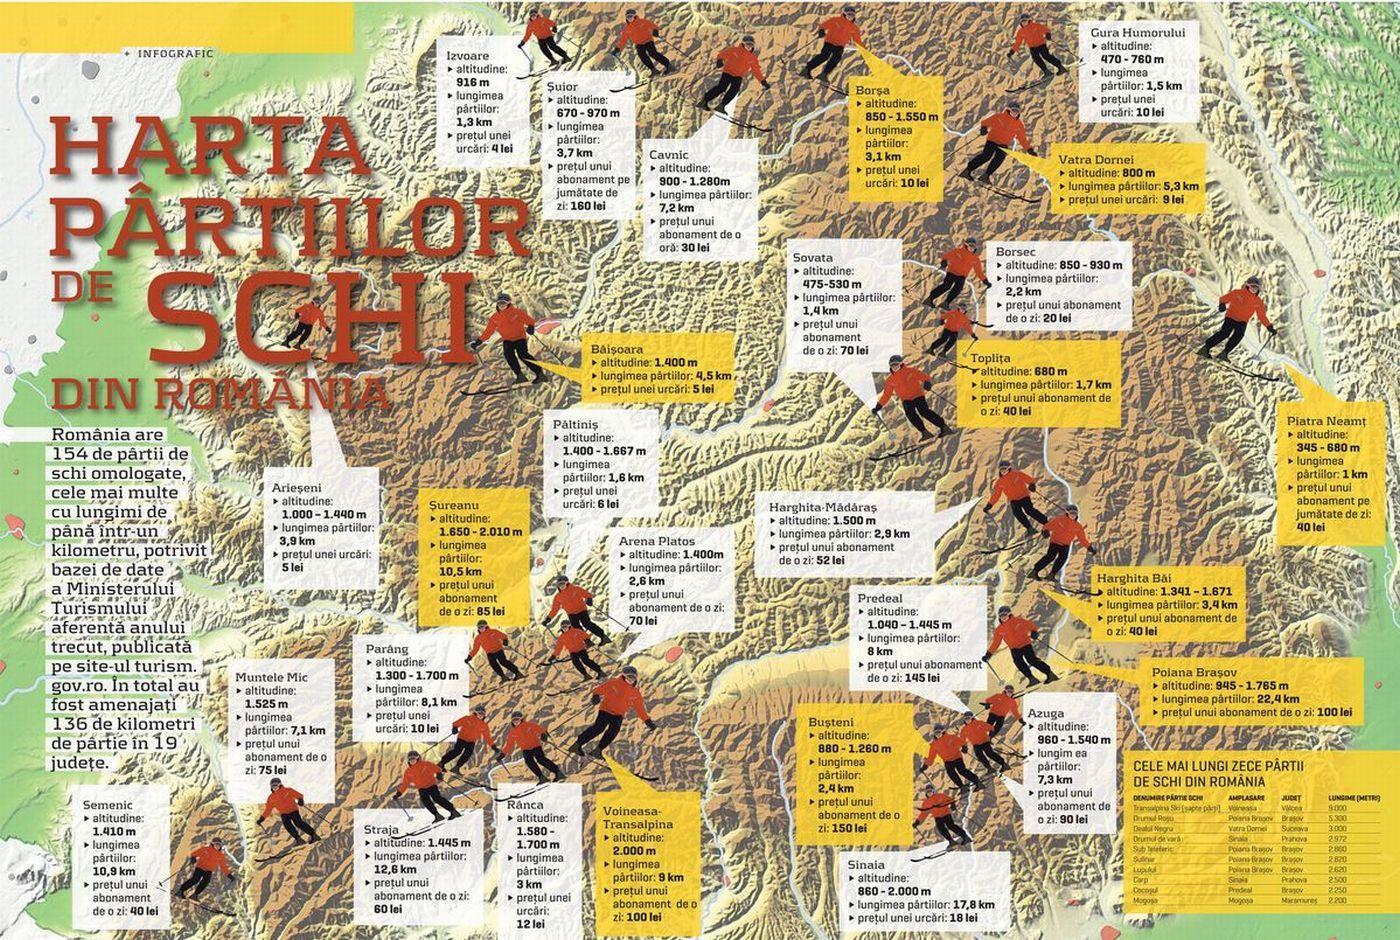 Harta Partiilor De Schi Din Romania Care Sunt Preţurile Turism